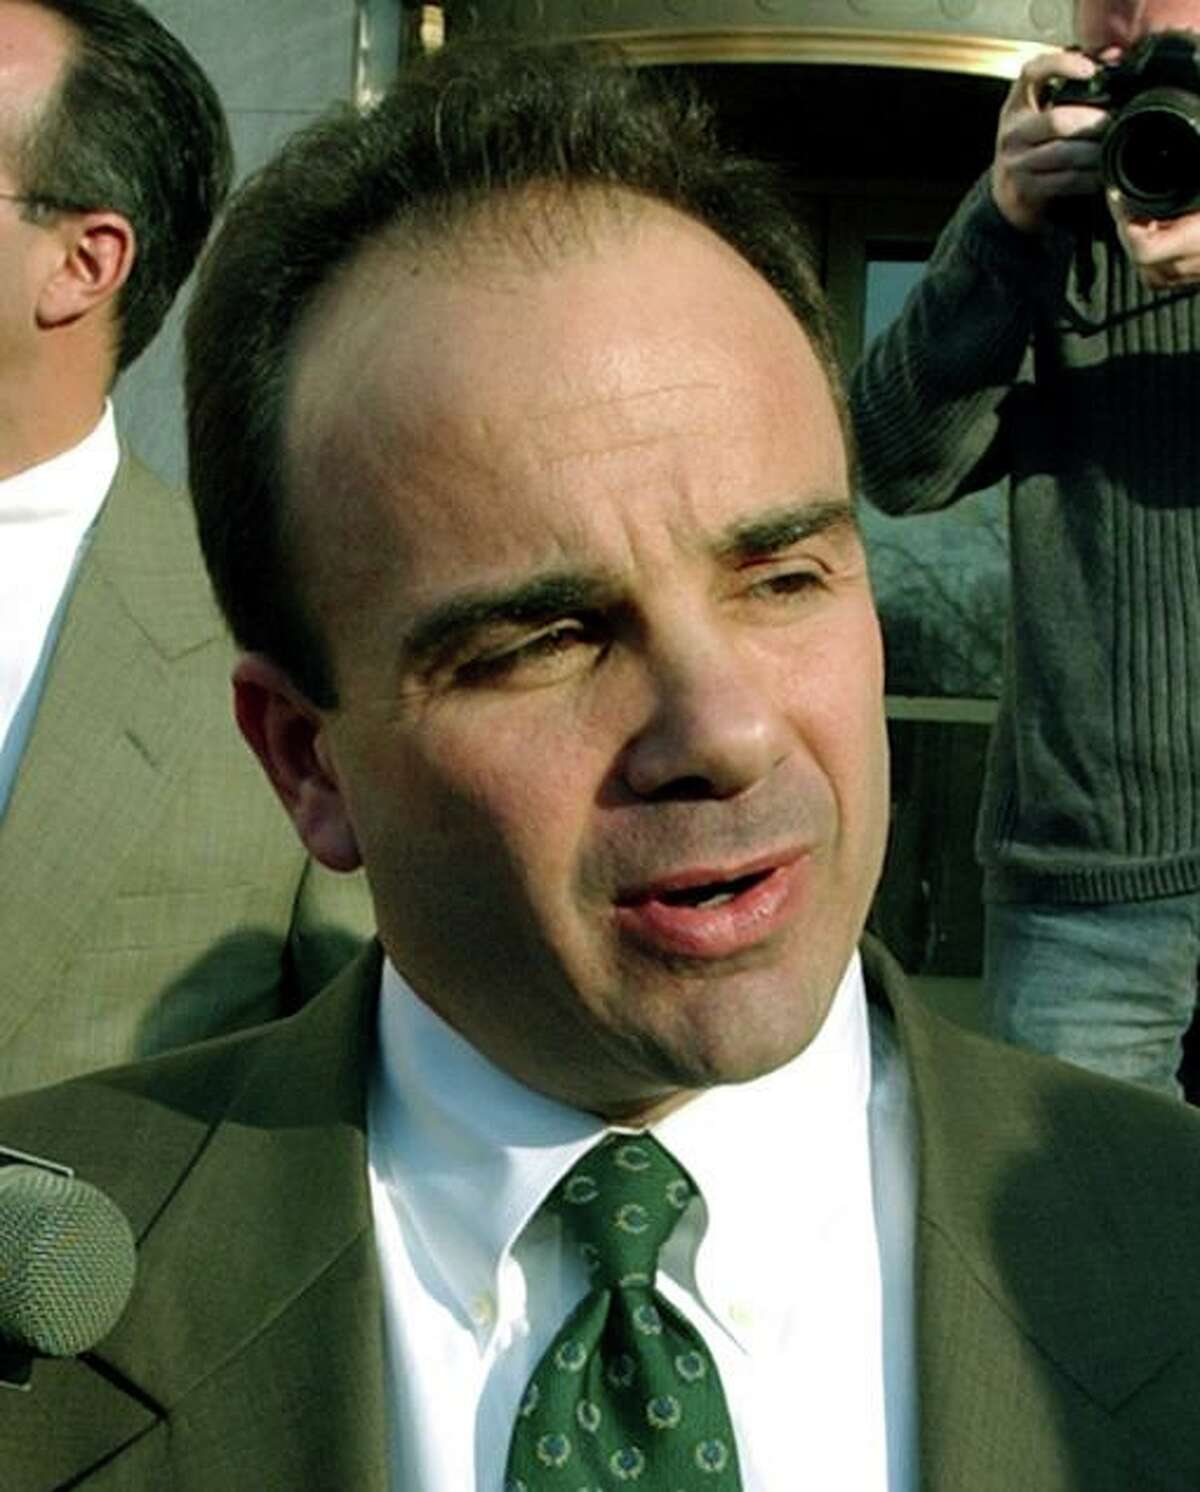 Bridgeport Mayor Joseph Ganim.